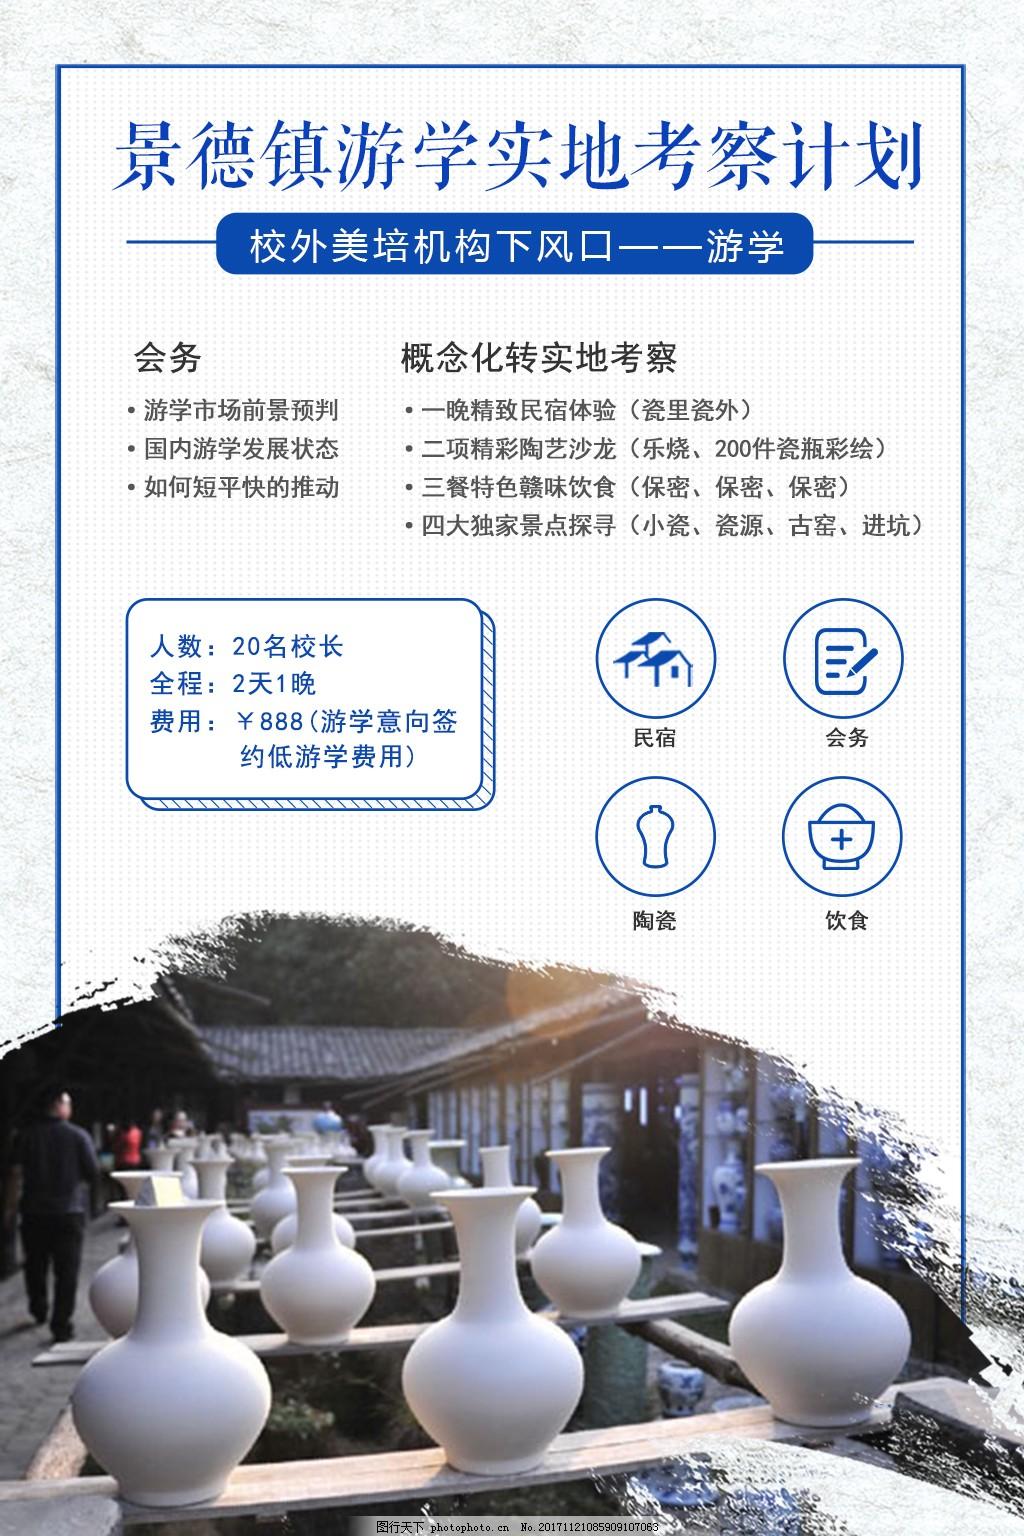 简约海报设计 简约 大气 旅游 蓝色 宣传海报 简约海报 陶瓷 陶艺